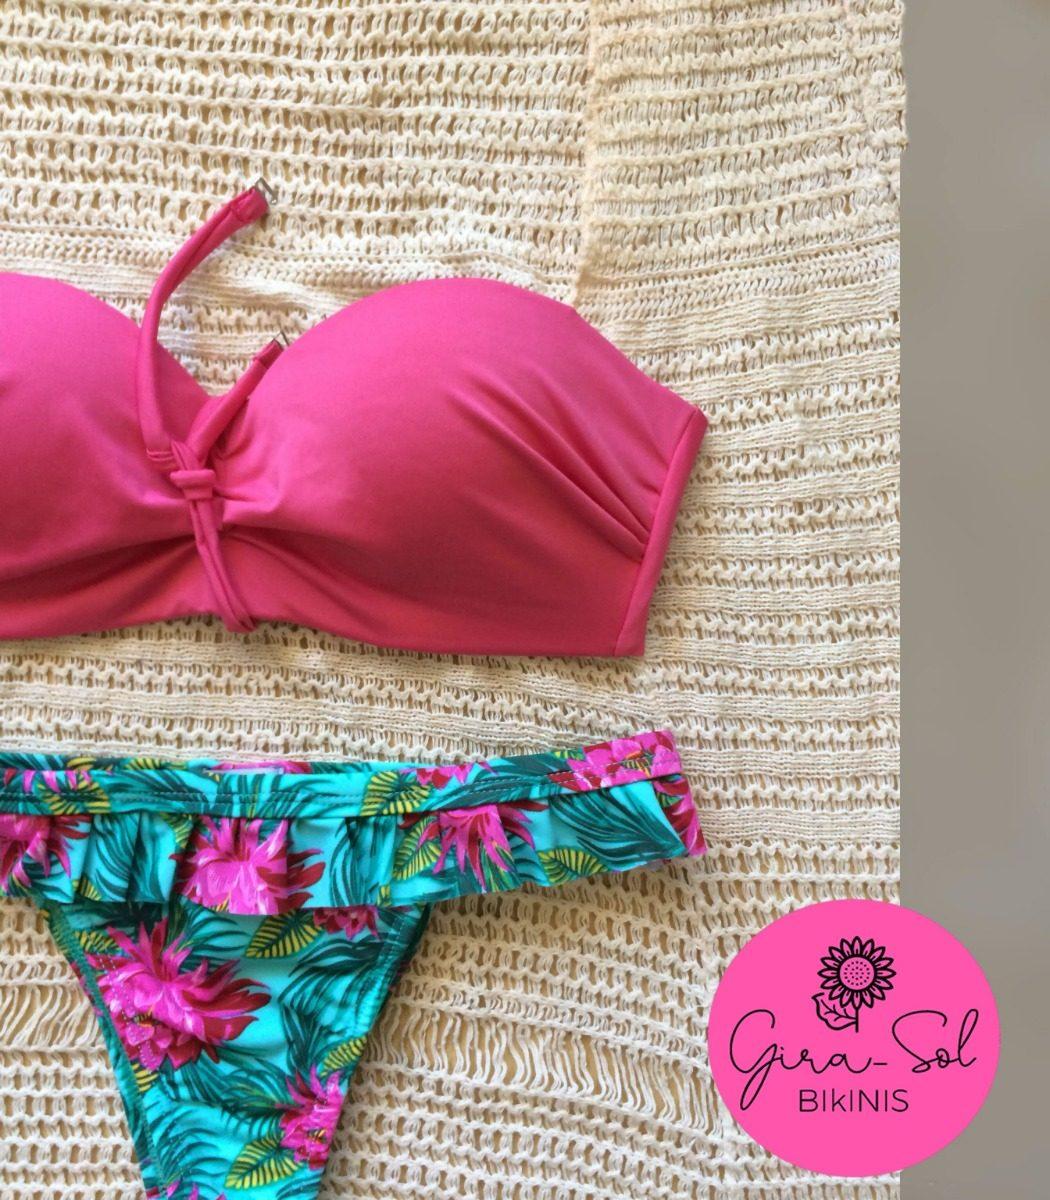 748006e9a4bc Bikinis Top Directo De Brasil Colección 2019 Baoba Beach Mpr